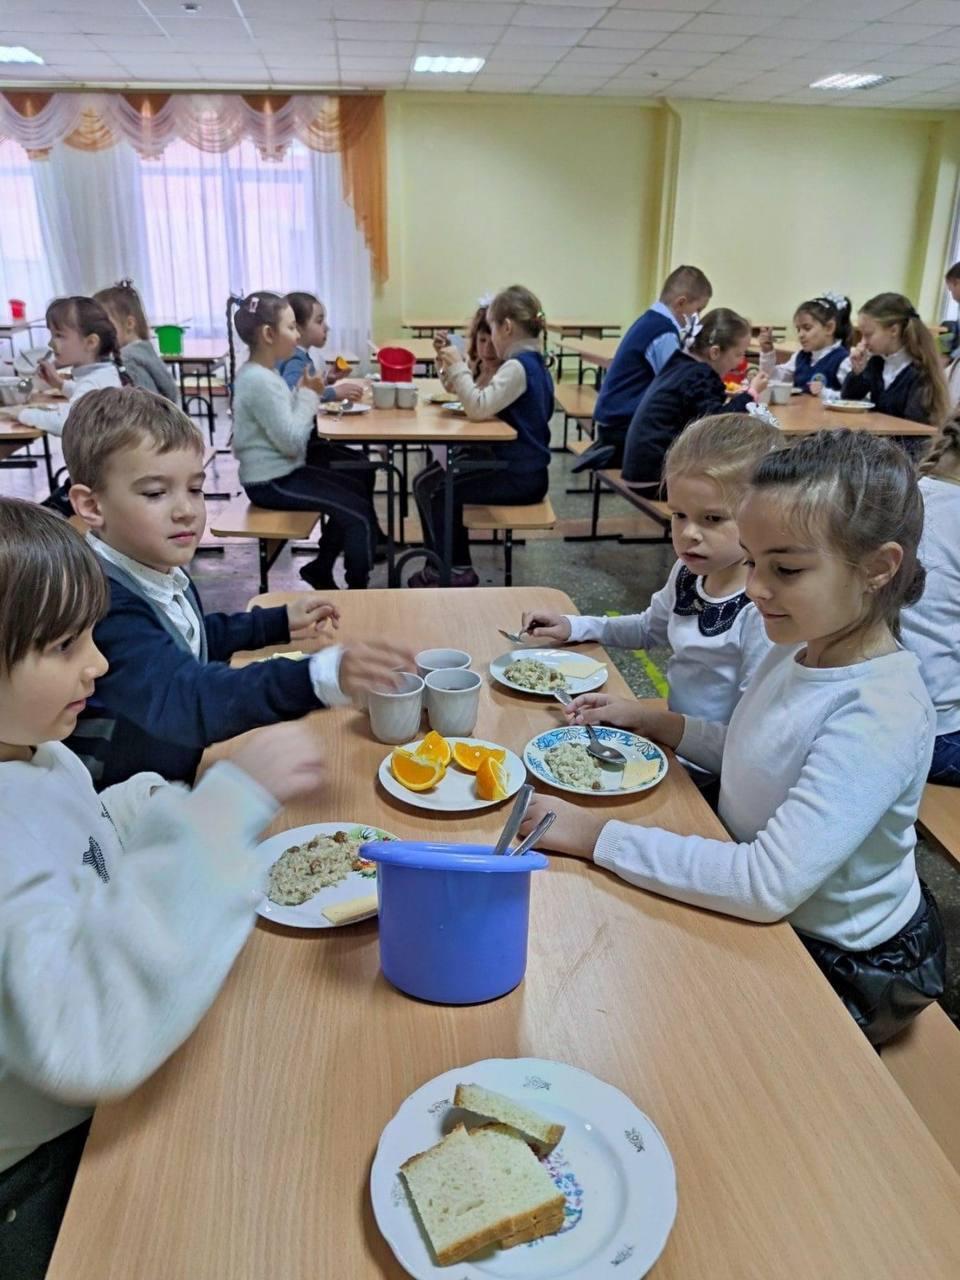 Обед в школьной столовой.